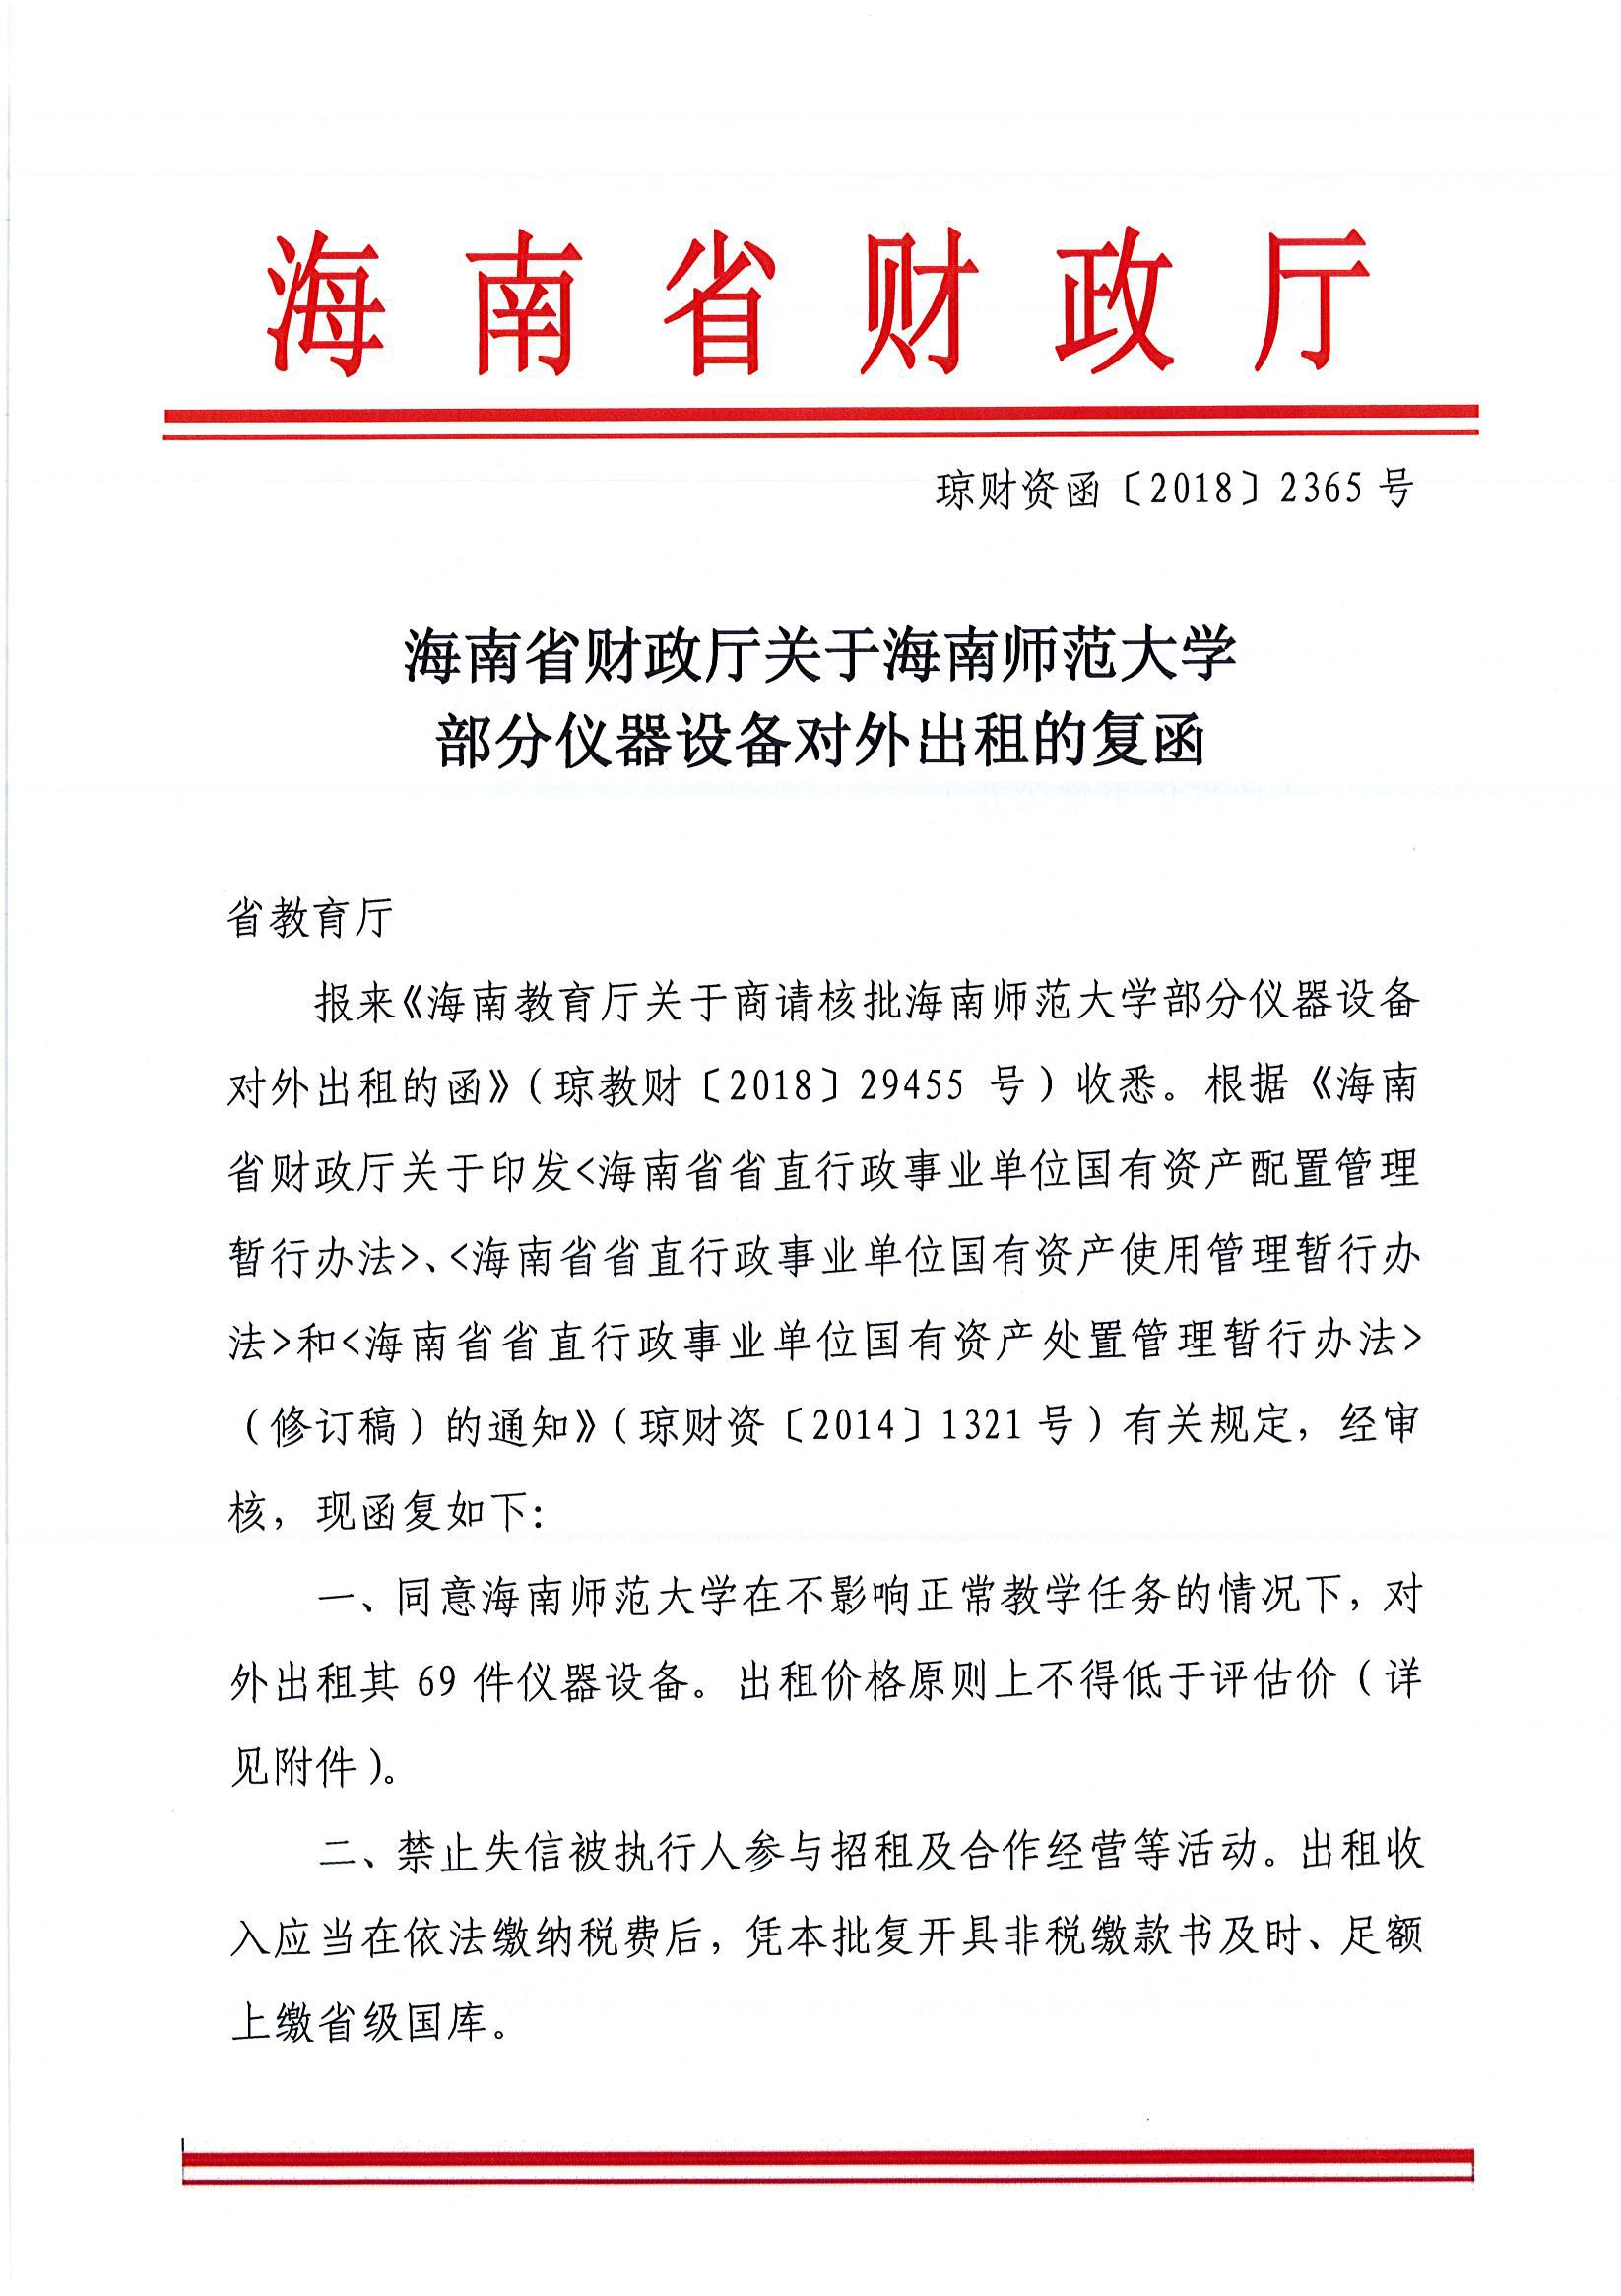 关于海南师范大学部分仪器设备对外出租的复函